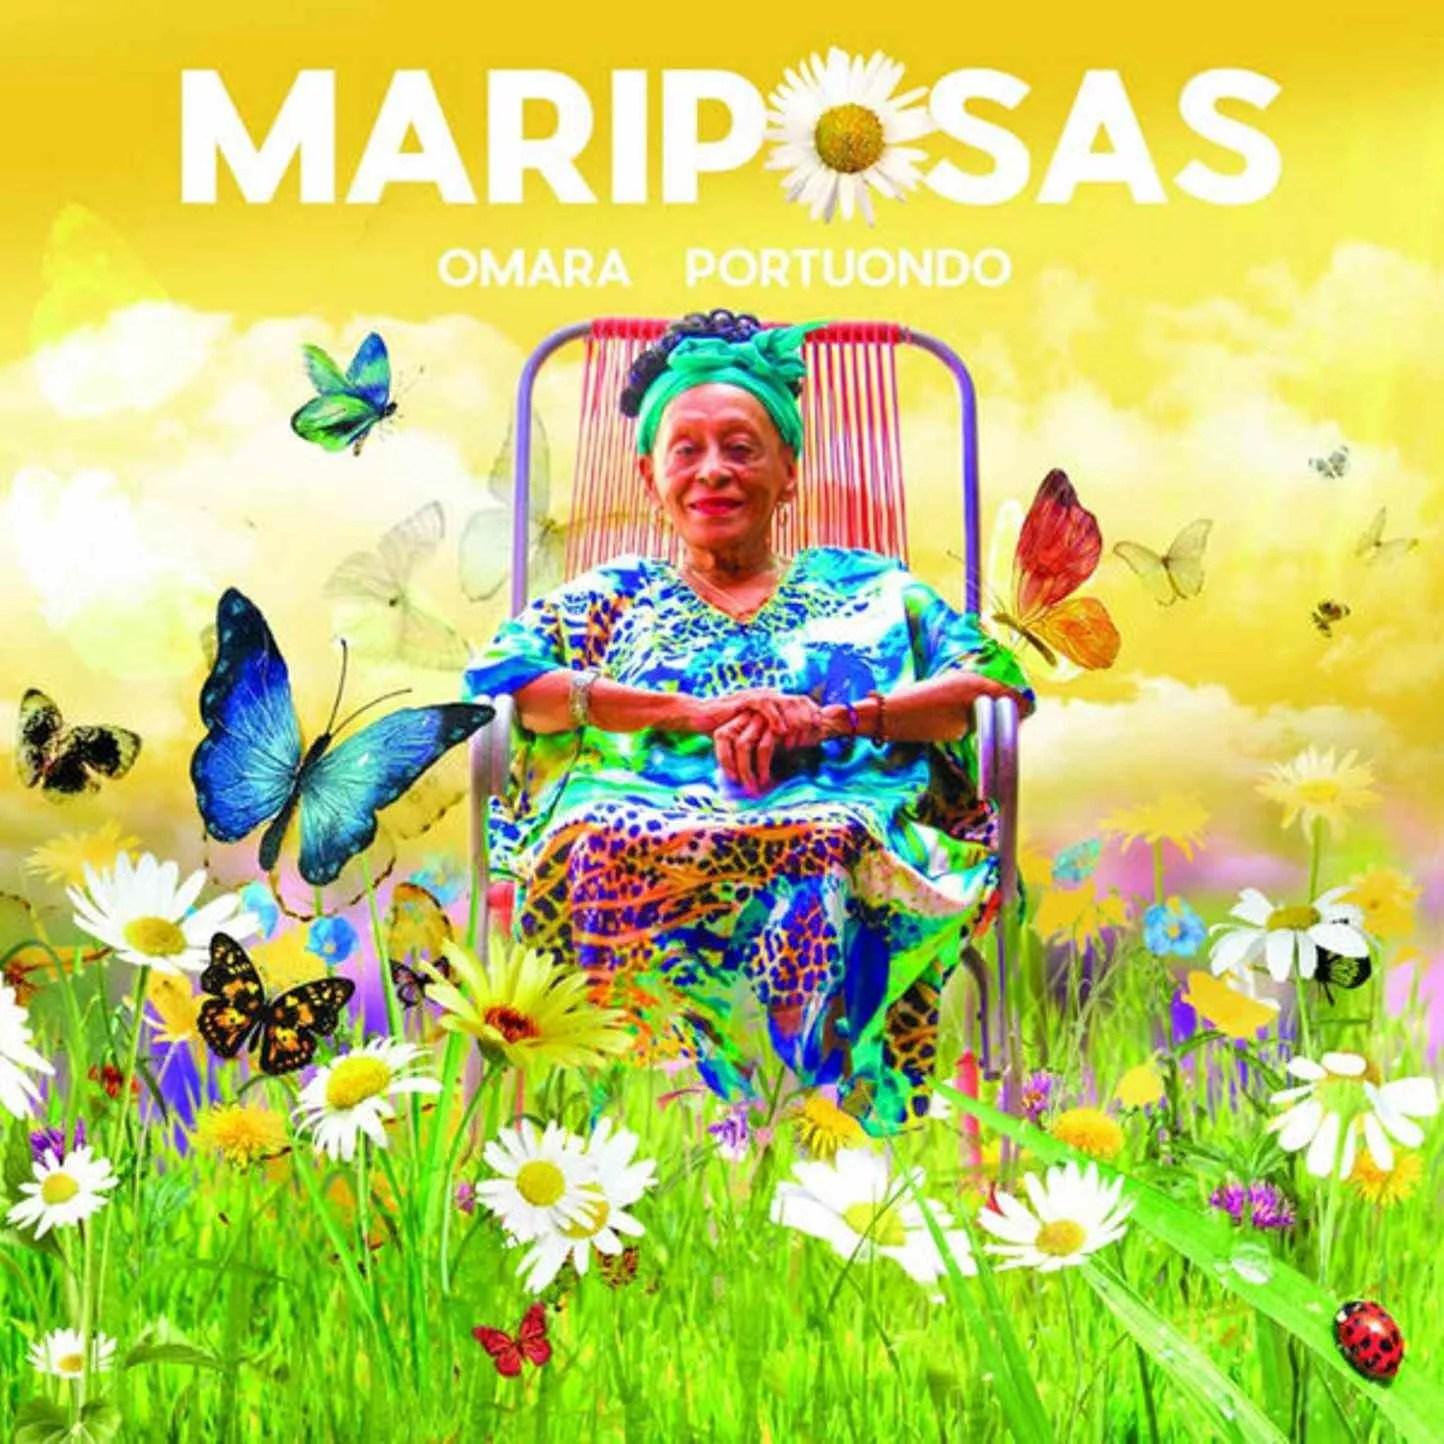 Portada del álbum Mariposas.